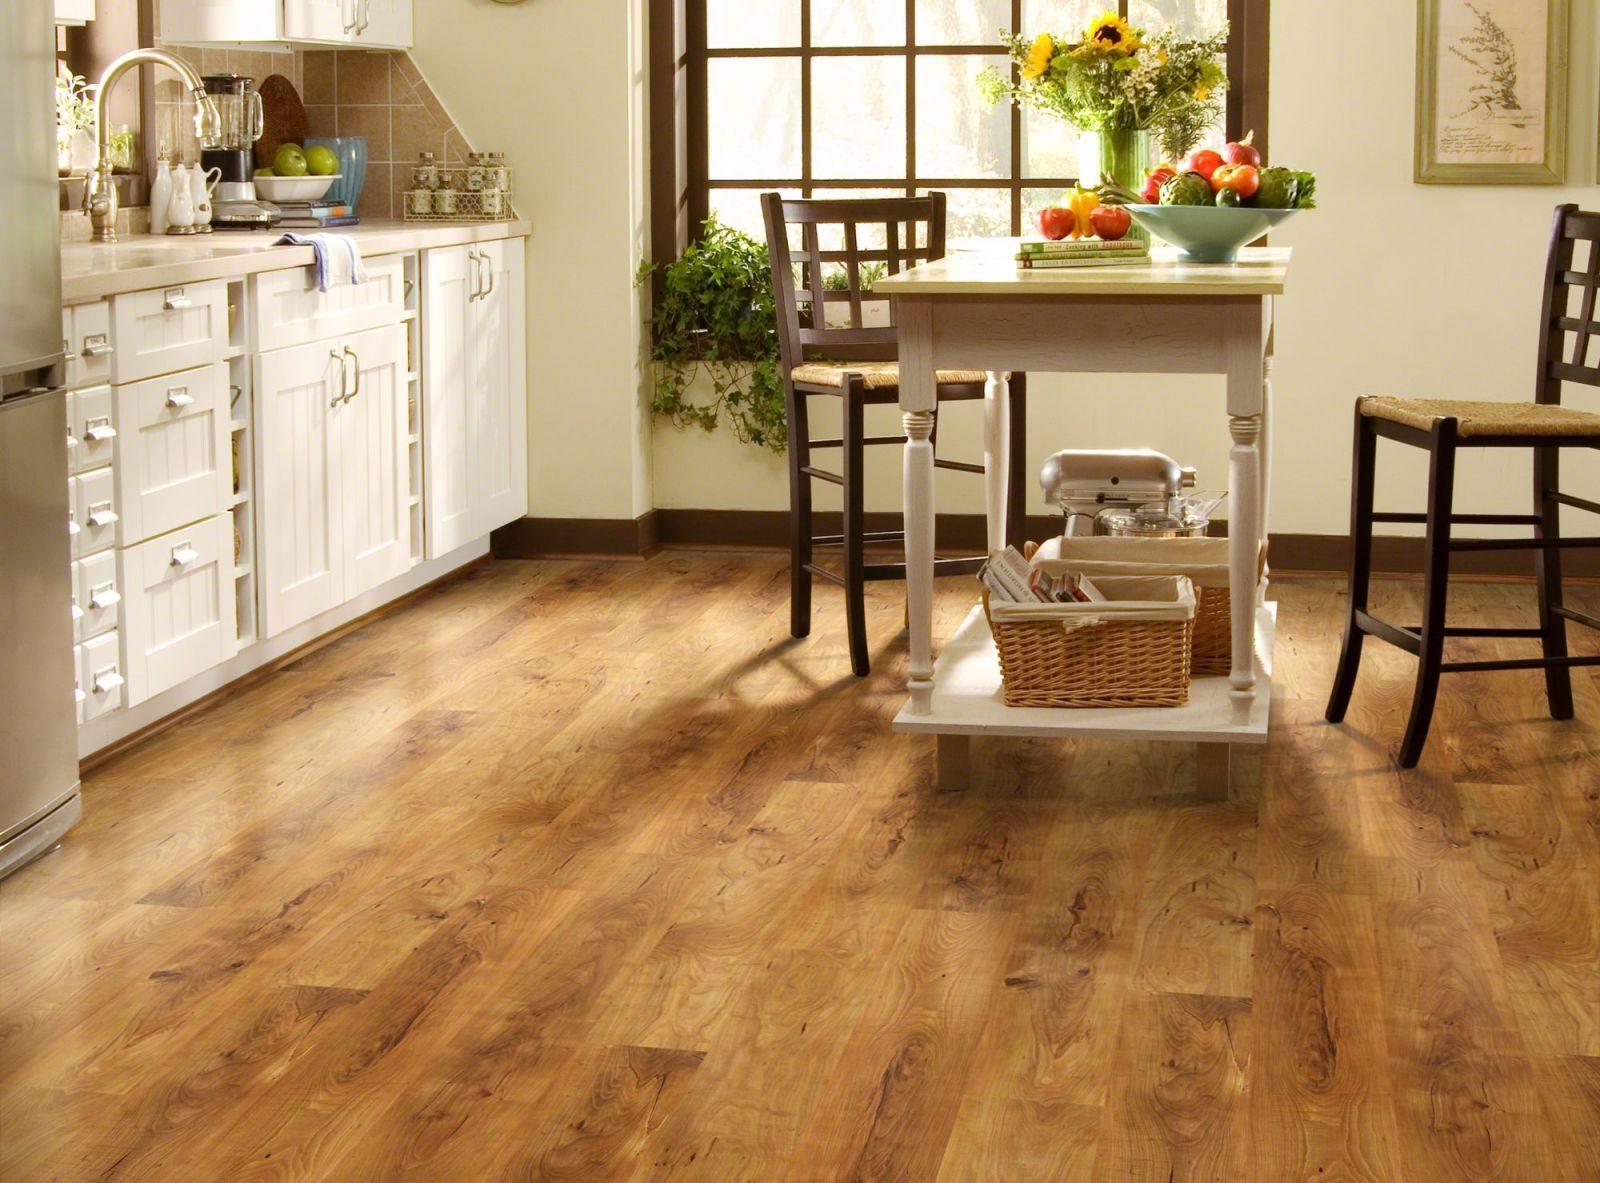 Sàn SPC có tốt cho nội thất phòng bếp không?